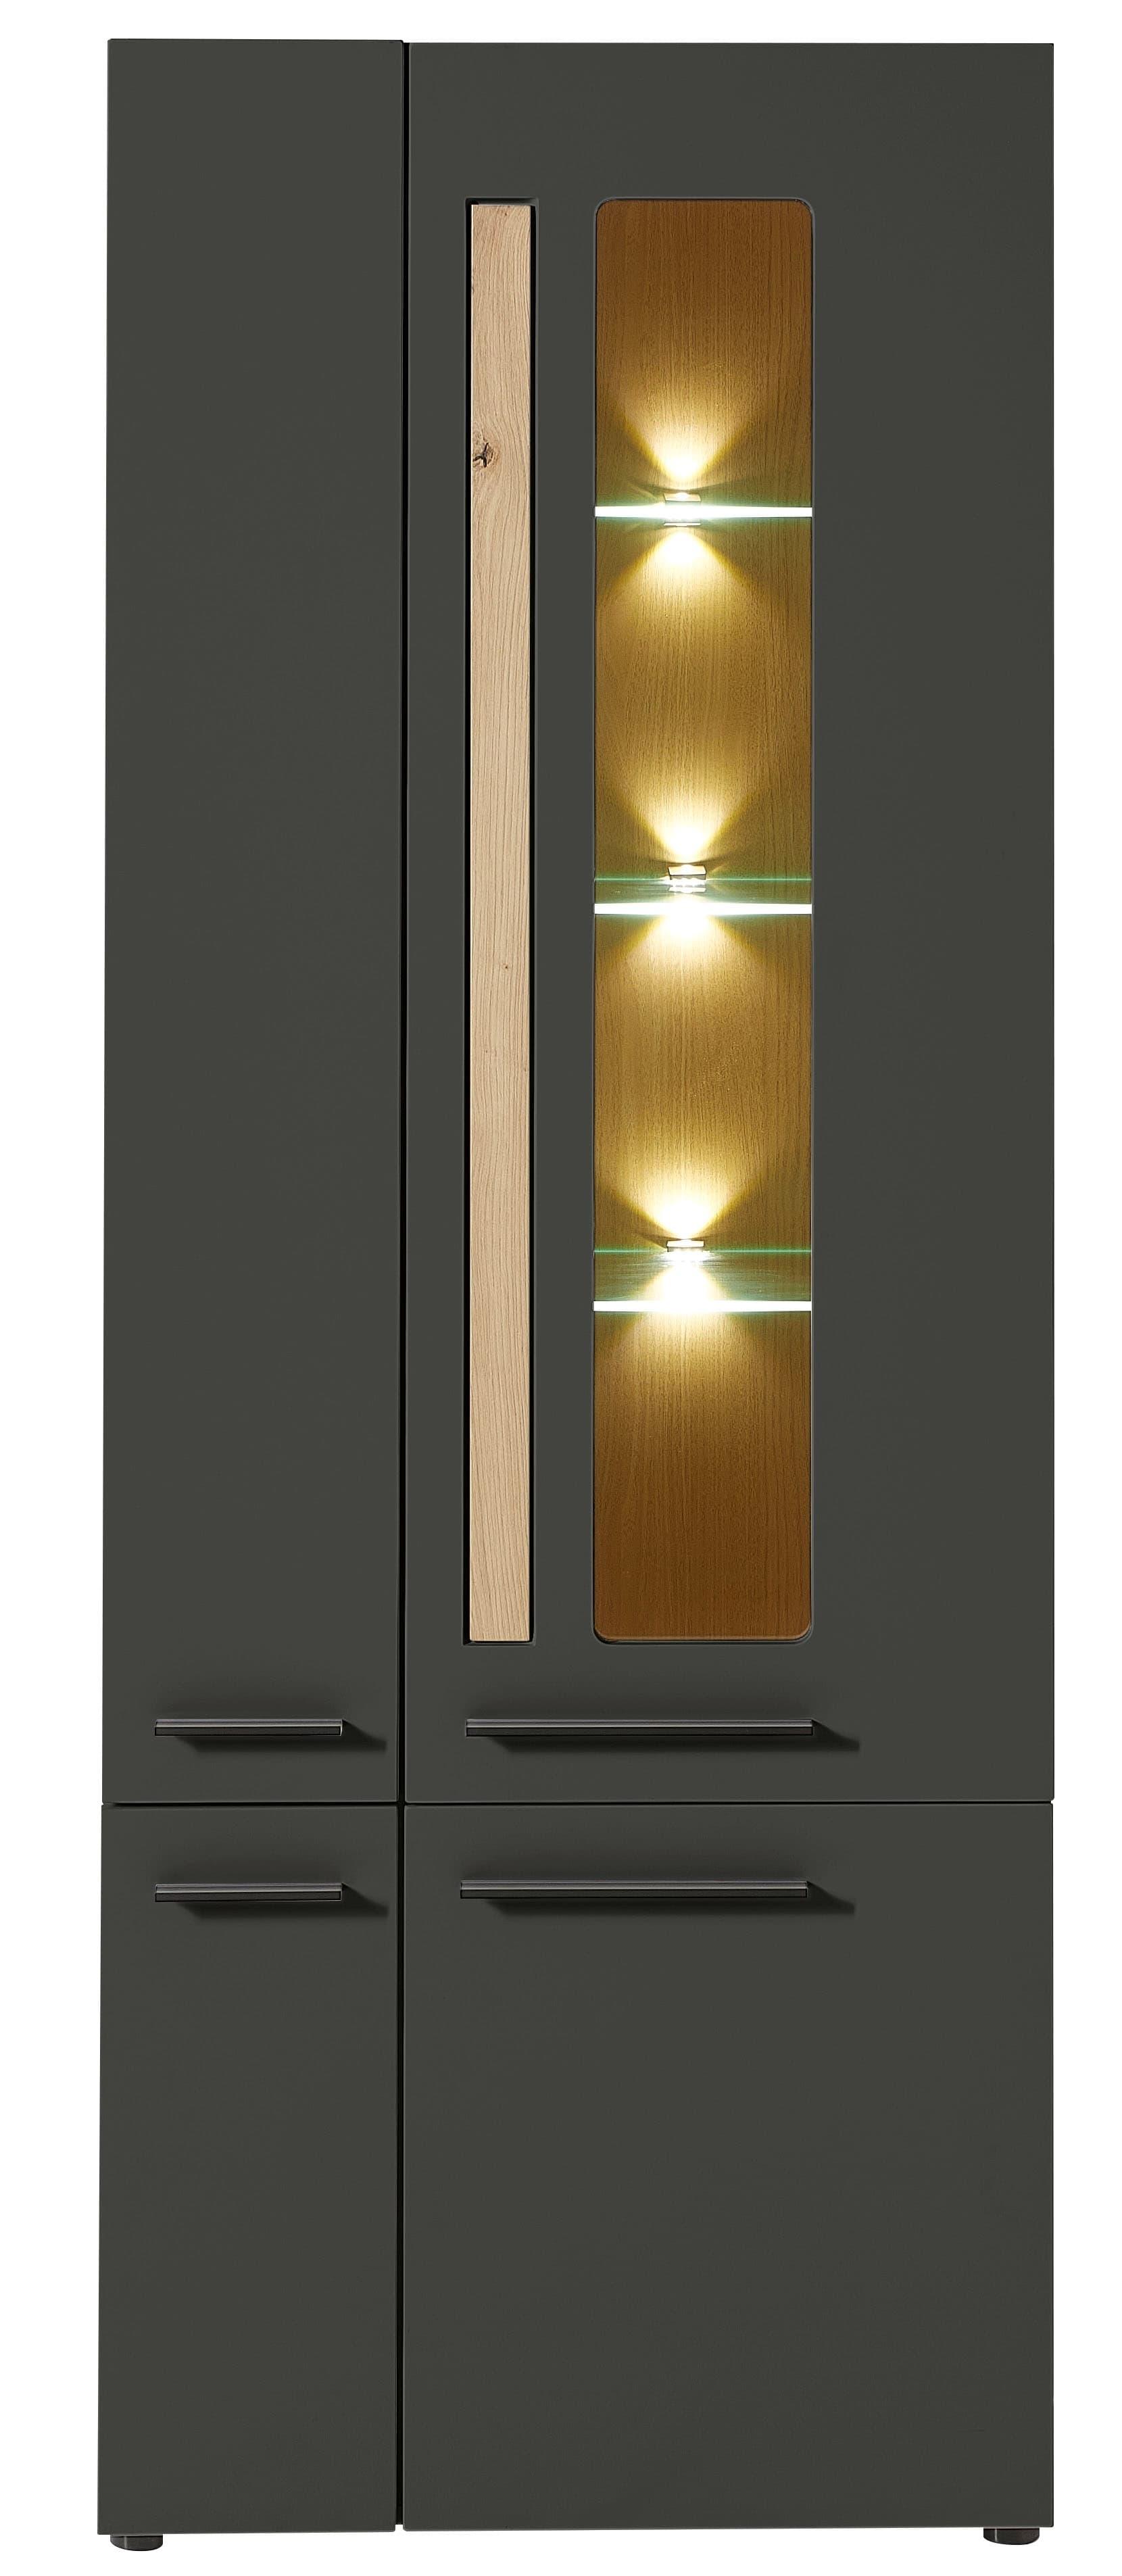 Vitrina din MDF, cu 4 usi si LED inclus Loftis Grafit / Stejar, l76xA37xH201 cm imagine